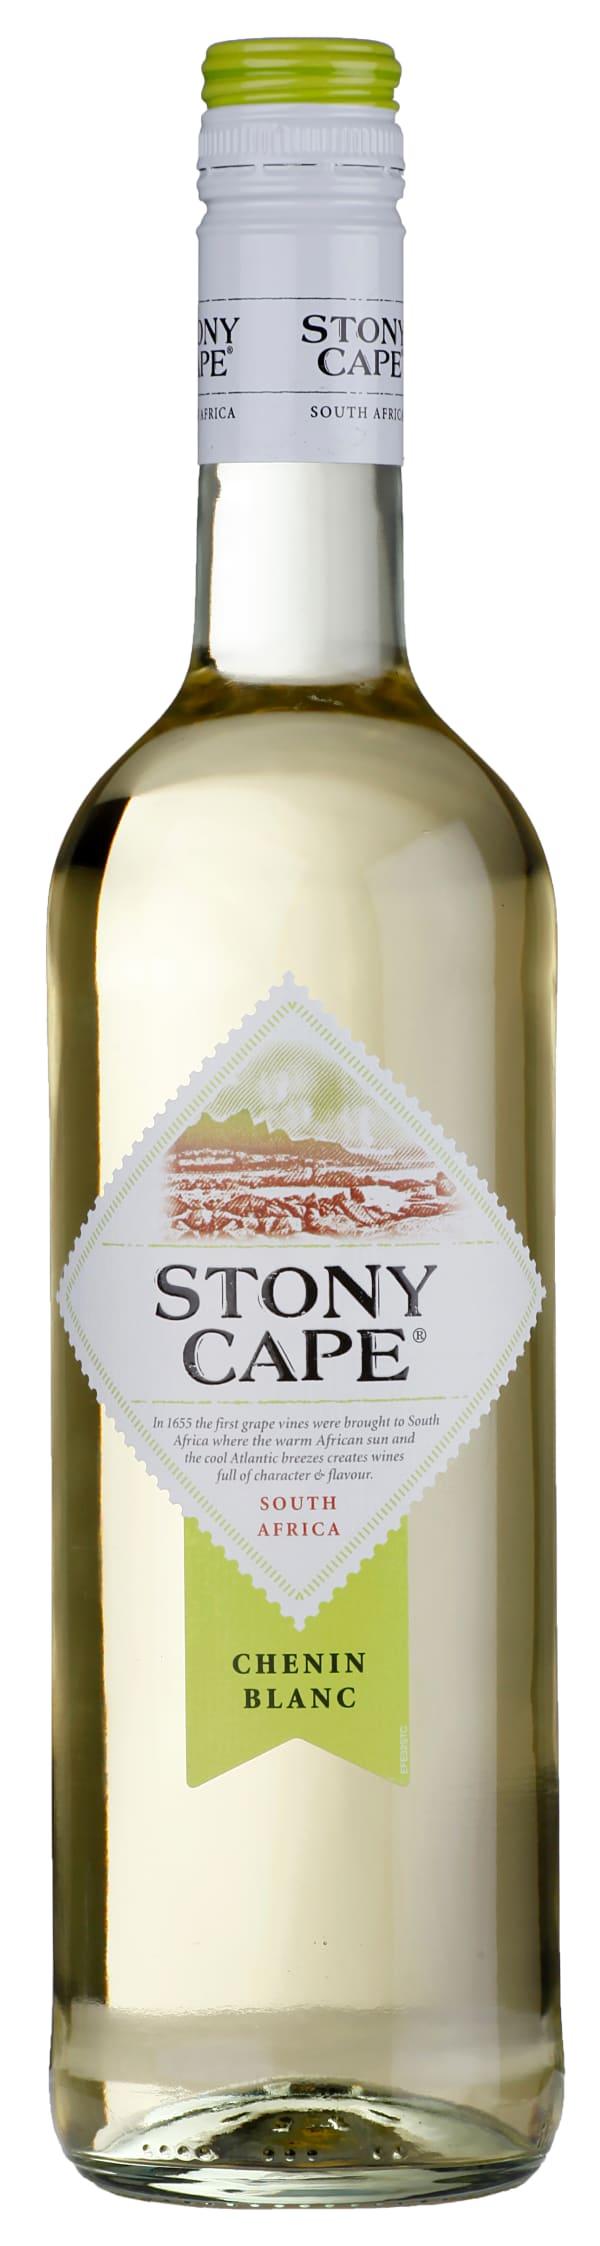 Stony Cape Chenin Blanc 2019